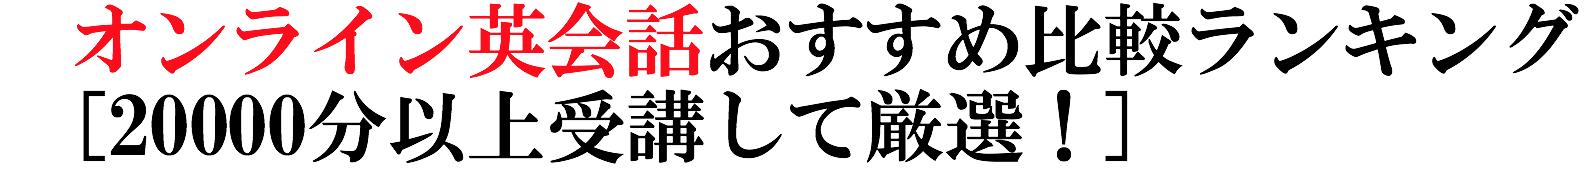 オンライン英会話おすすめ比較ランキング[20000分以上受講して厳選!]